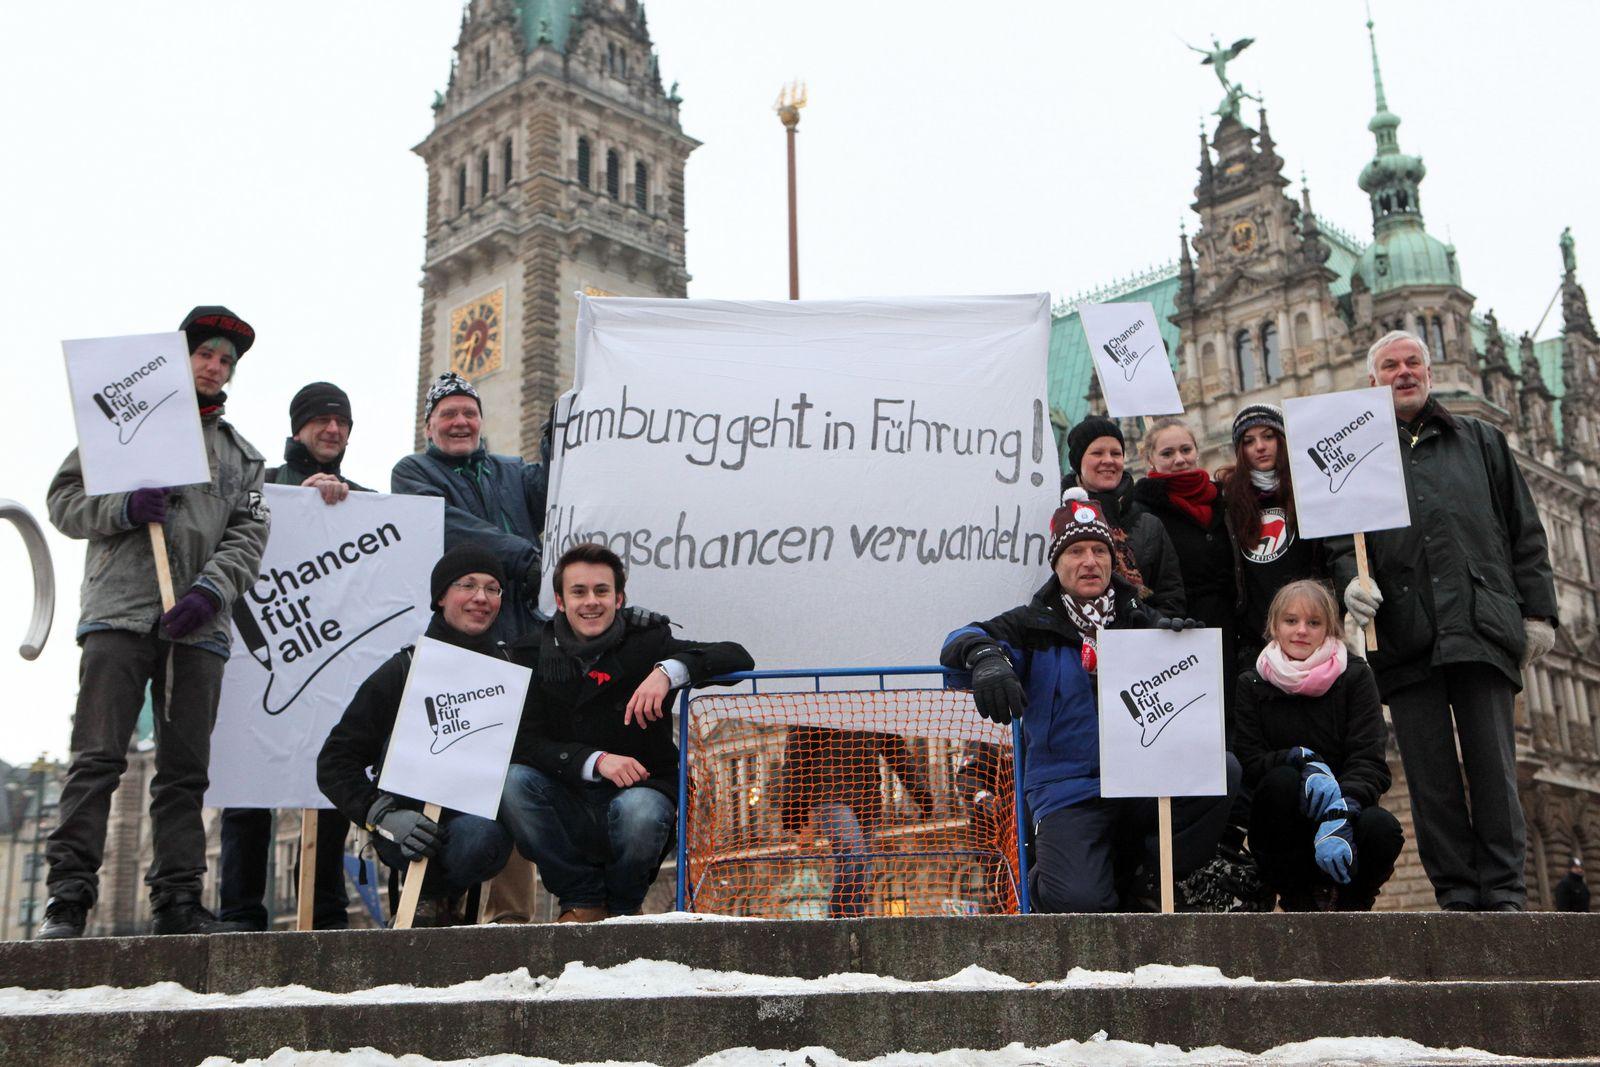 Verhandlungen Hamburger Schulreform